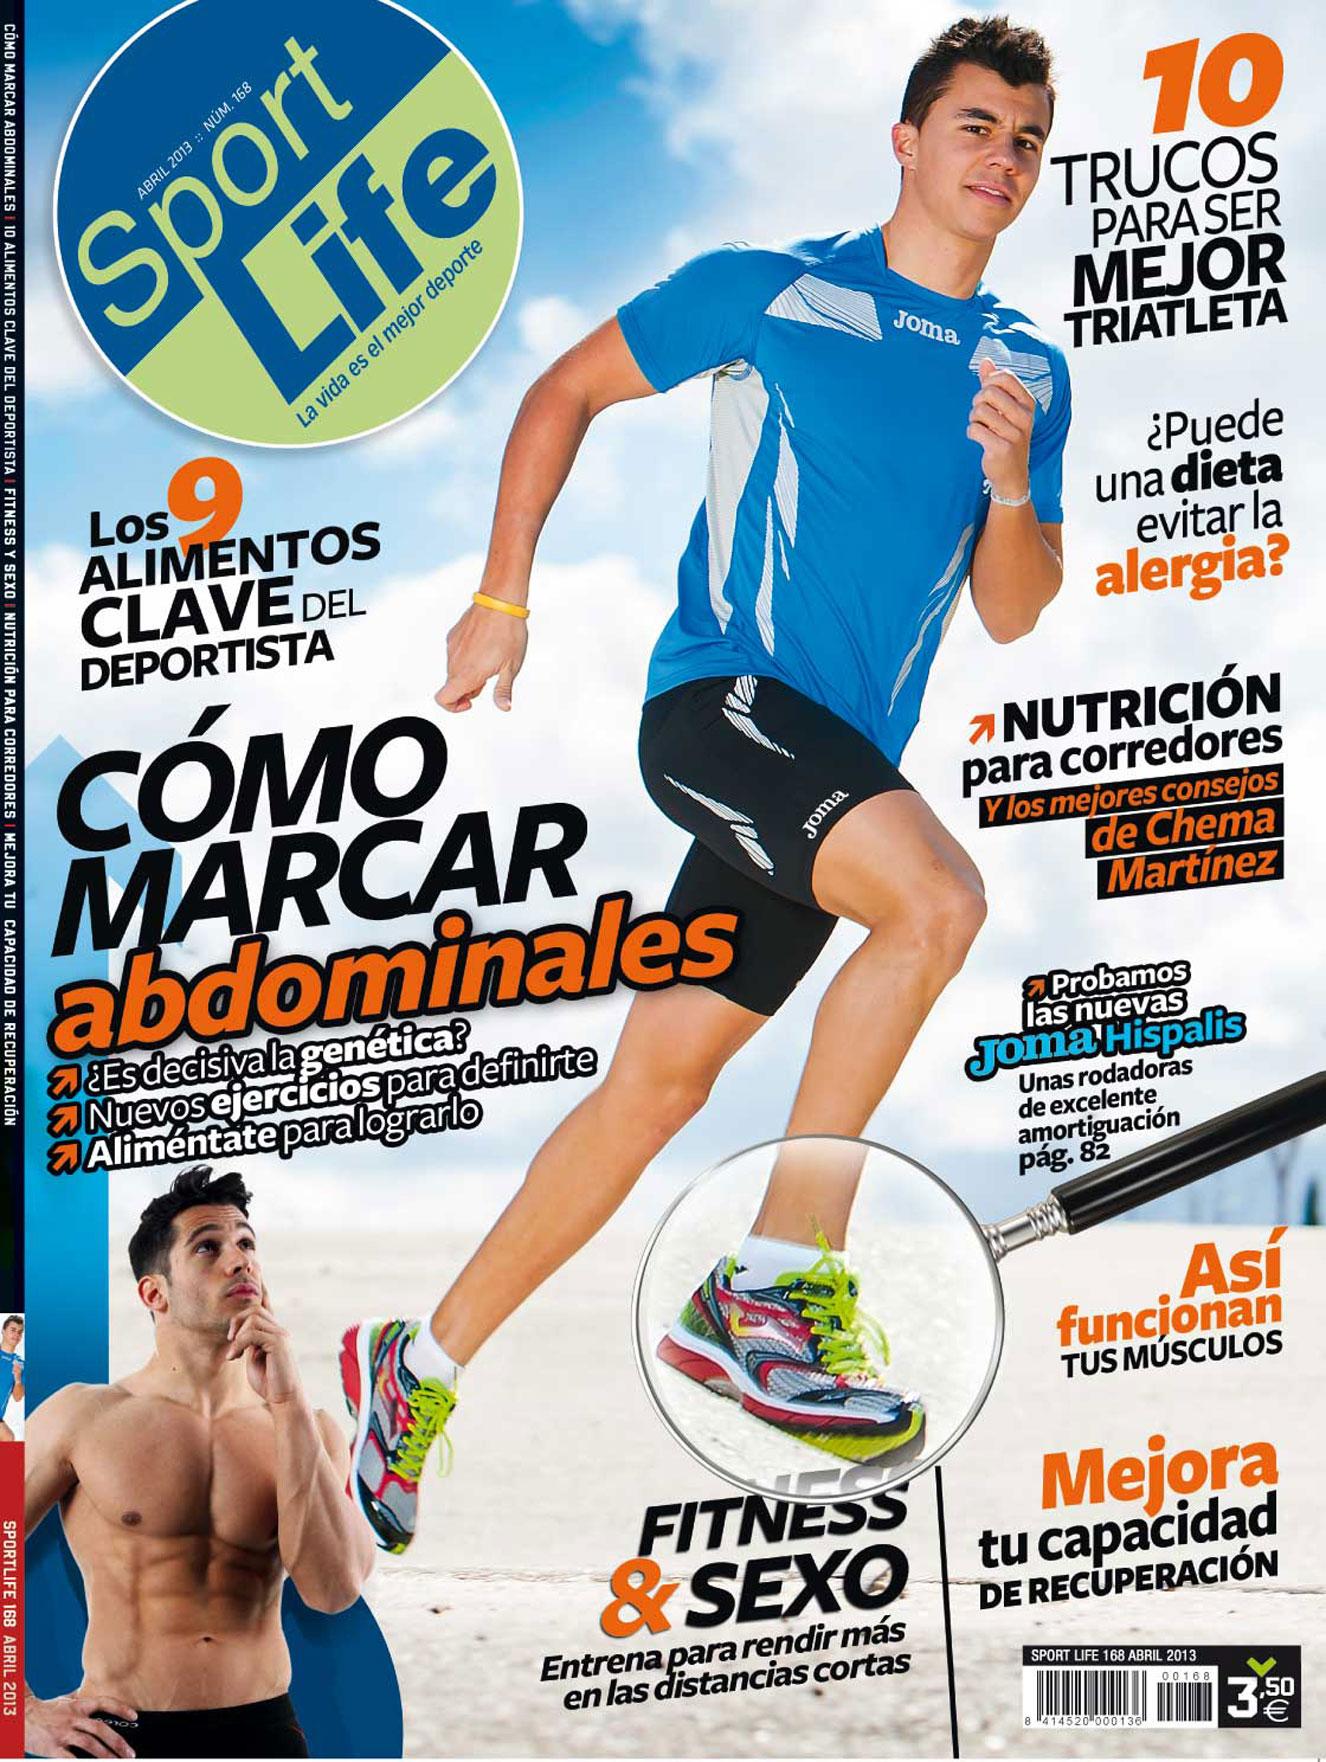 Sumario Sport Life 168 abril 2013